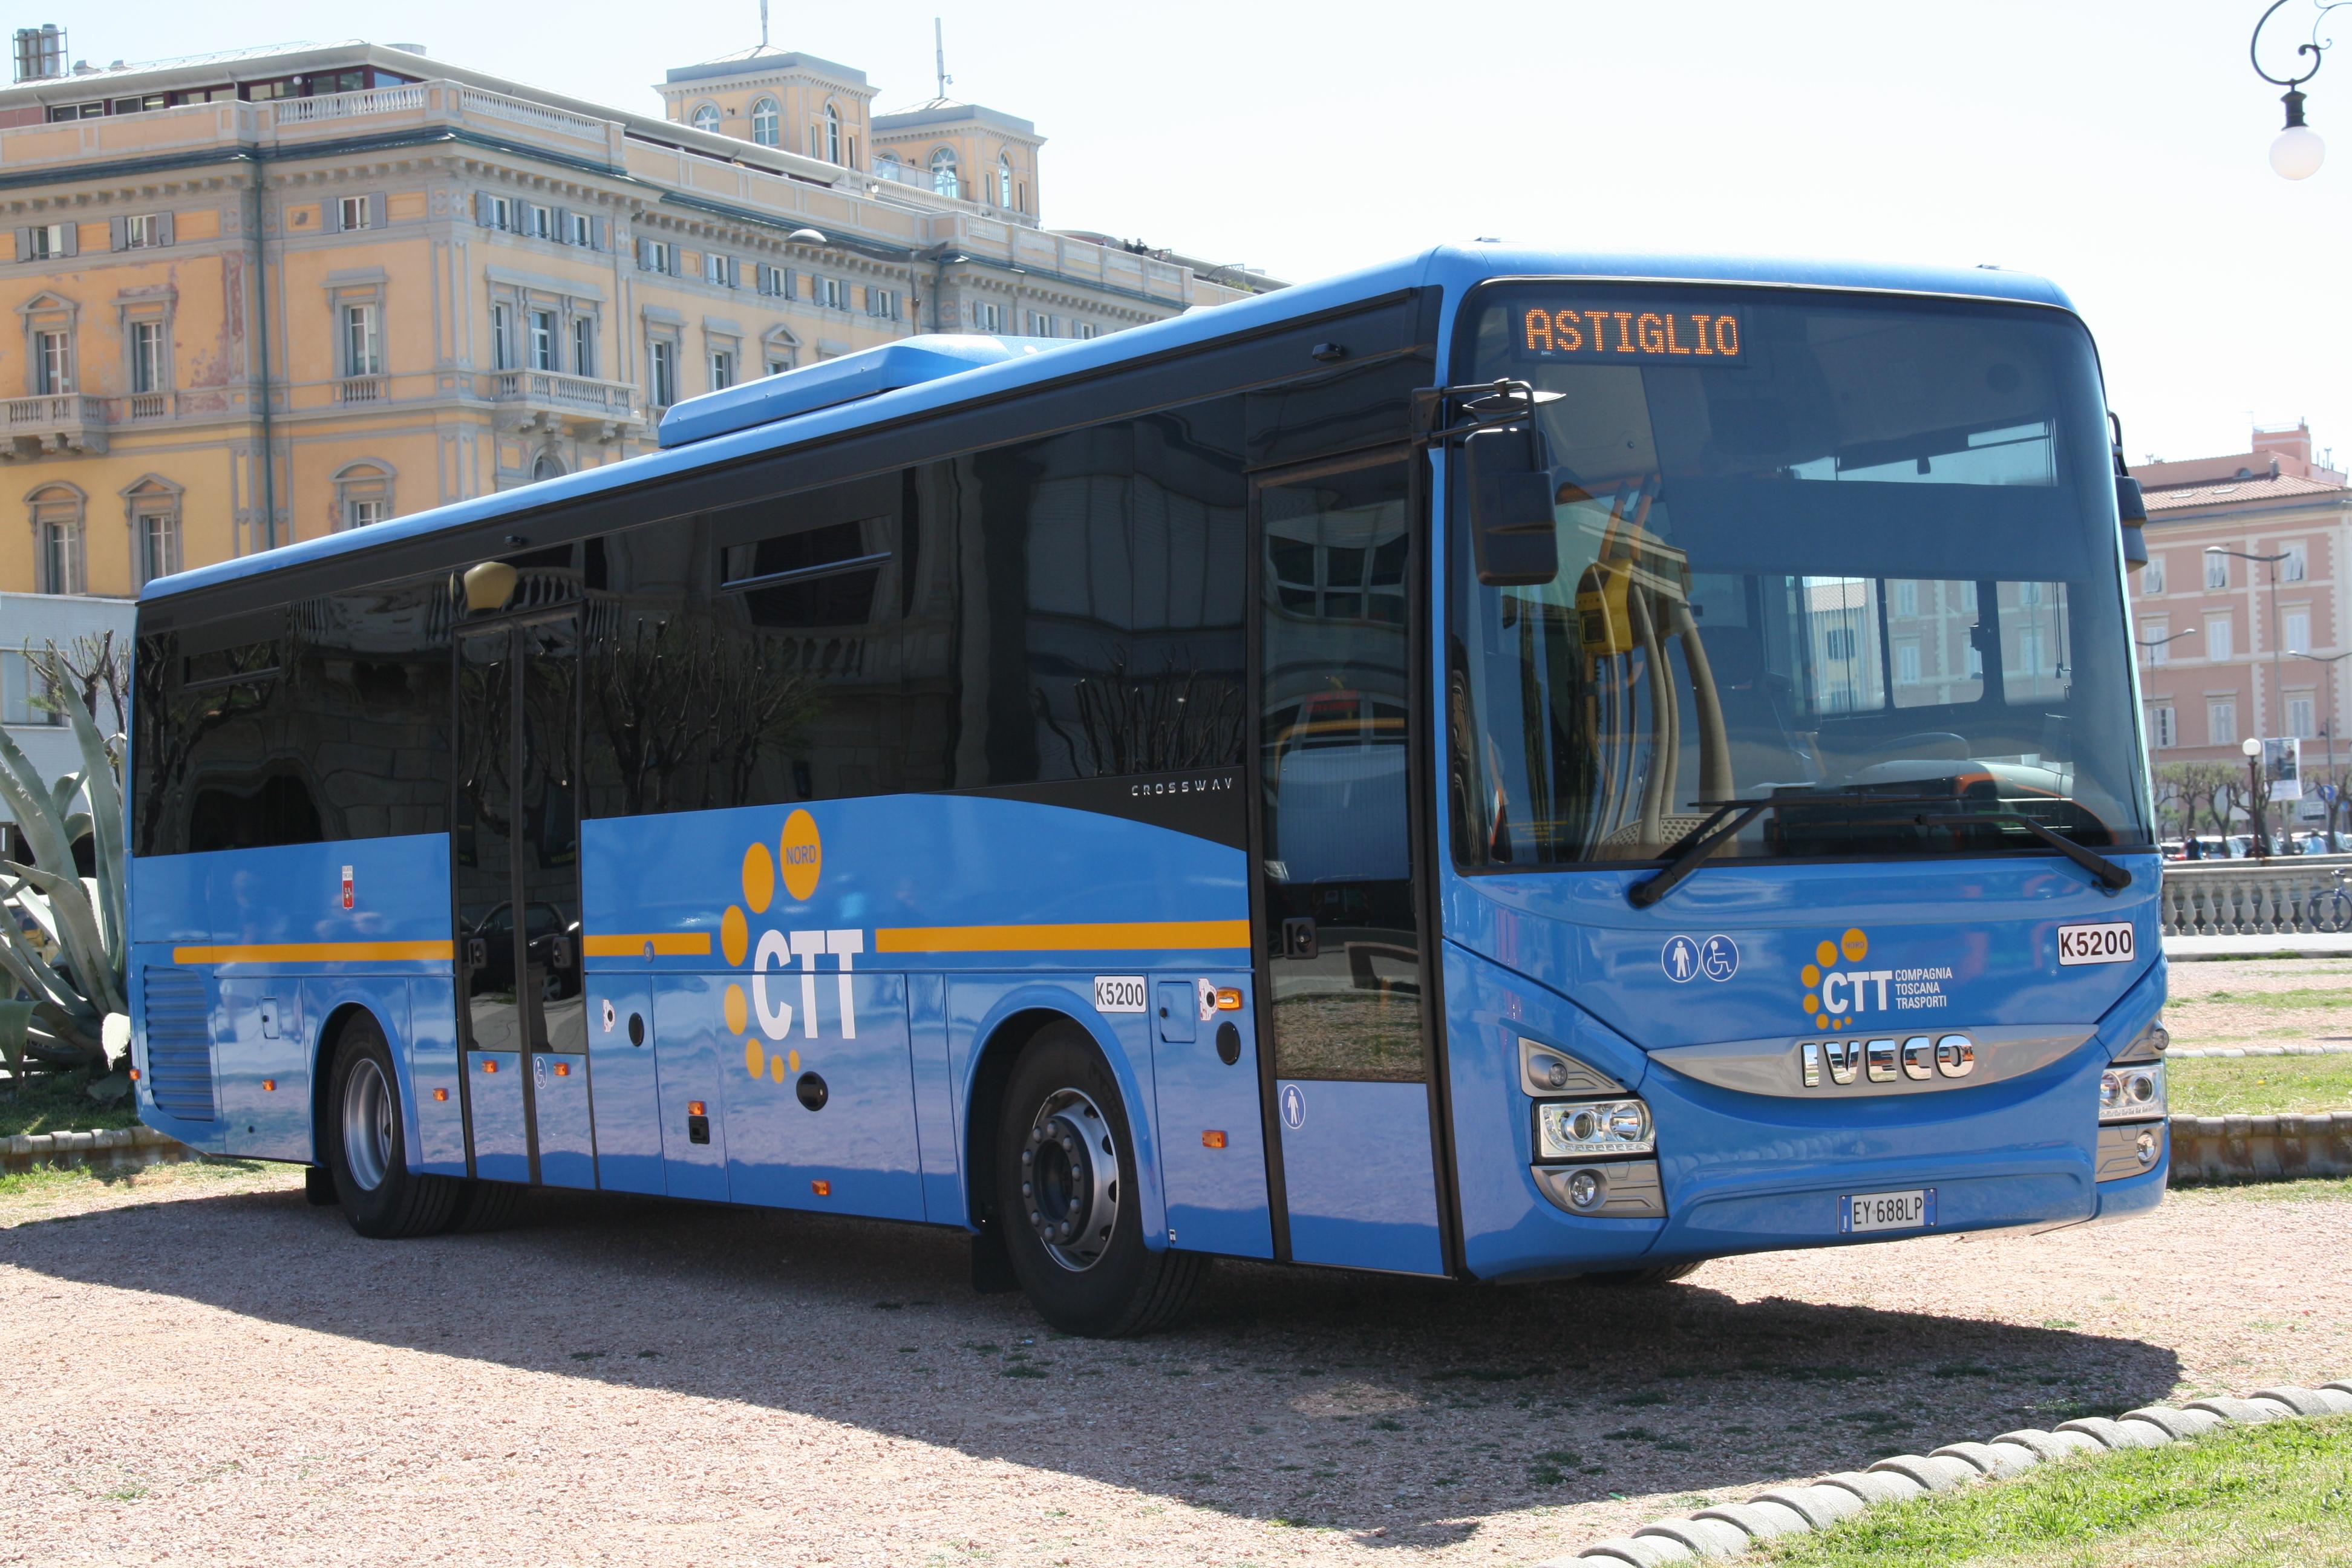 Irisbus Crossway - Wikipedia